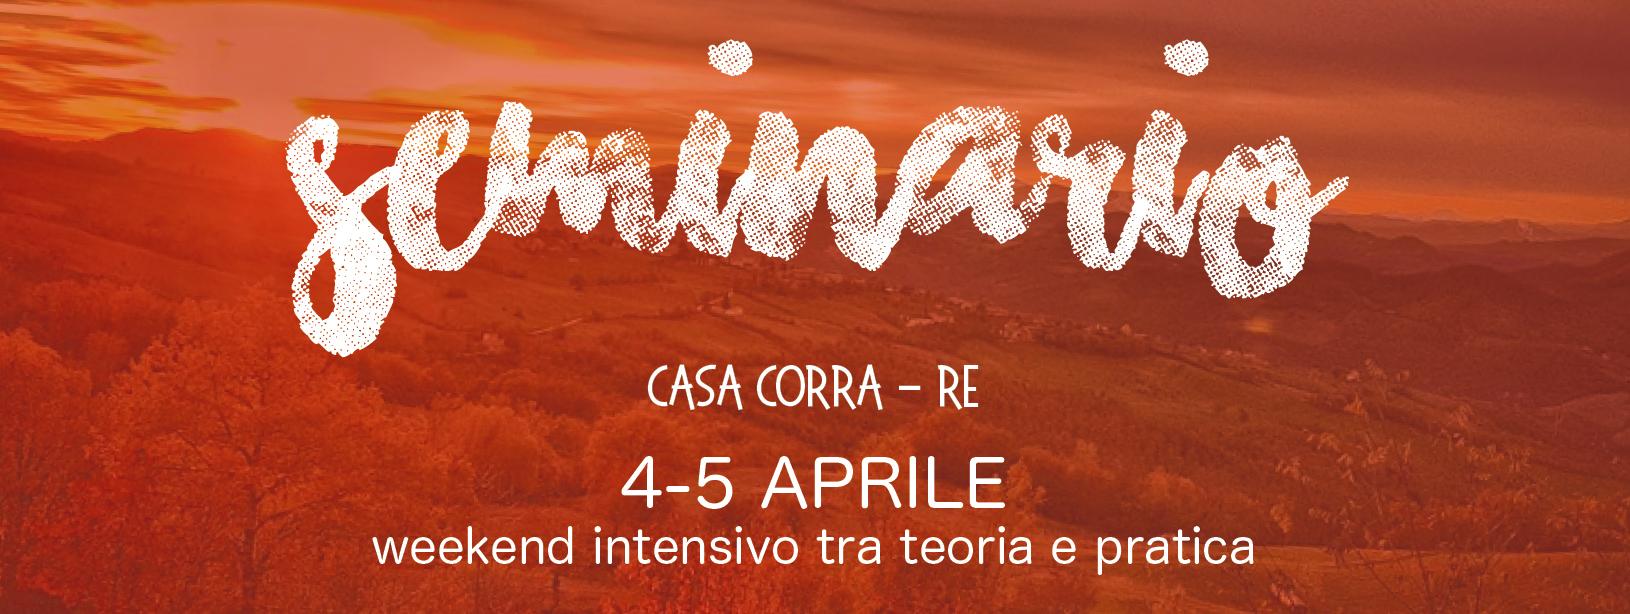 Banner_Tutti WEB4